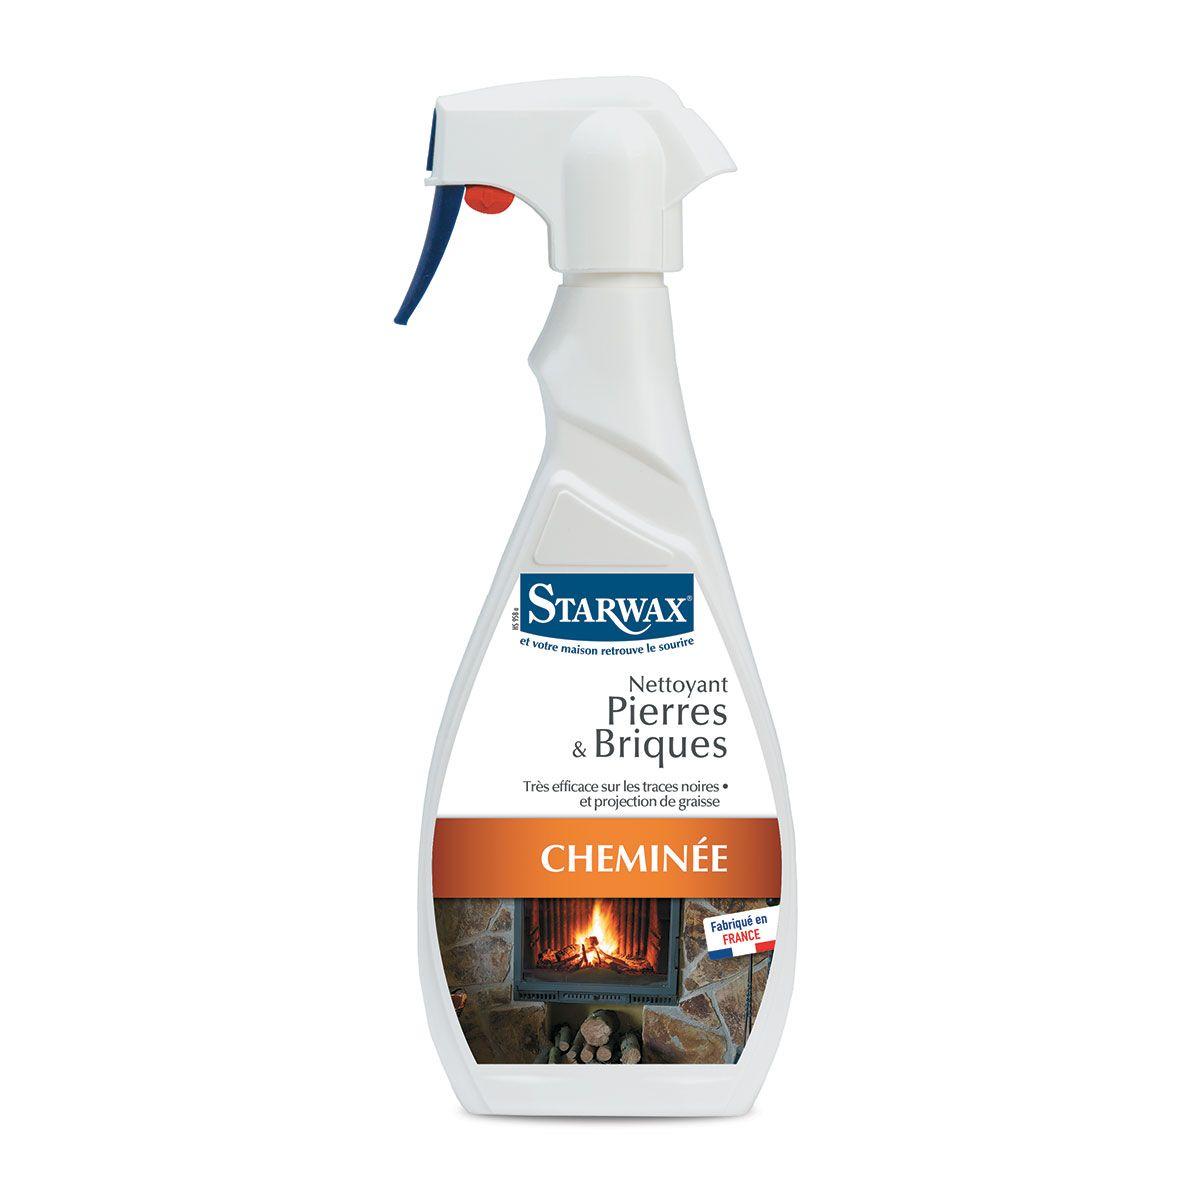 Nettoyant pour pierres et briques de cheminée et barbecue - Starwax